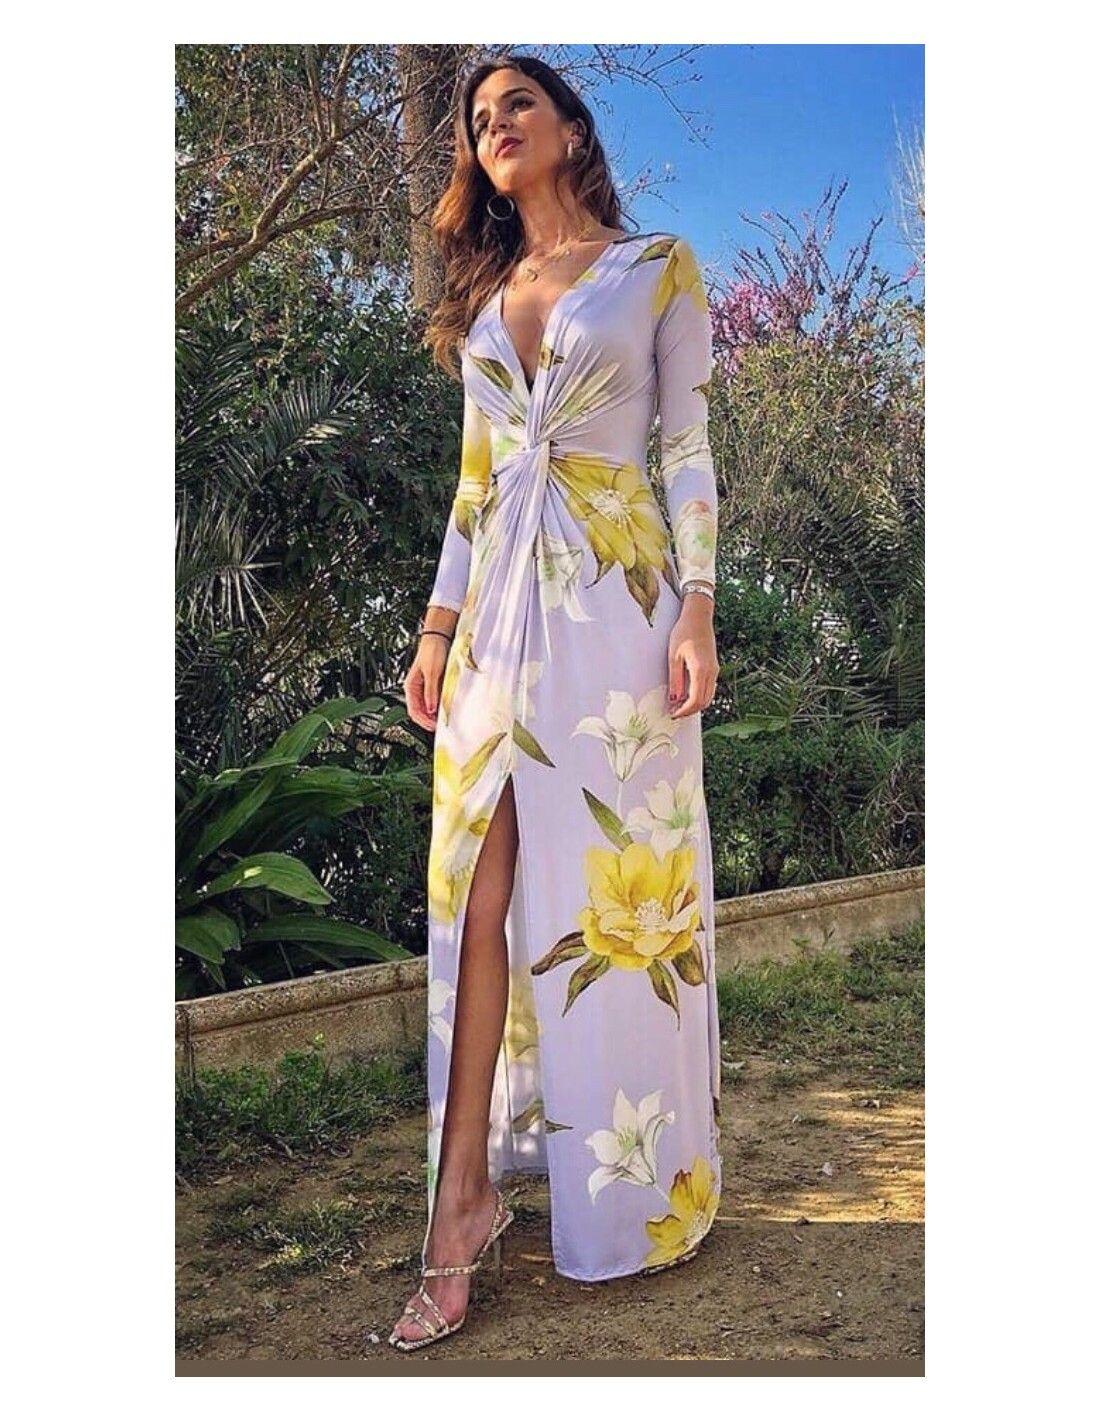 d063a6b69 Vestido Malva - Vestido largo en color malva con estampado de flores en  color amarillo.